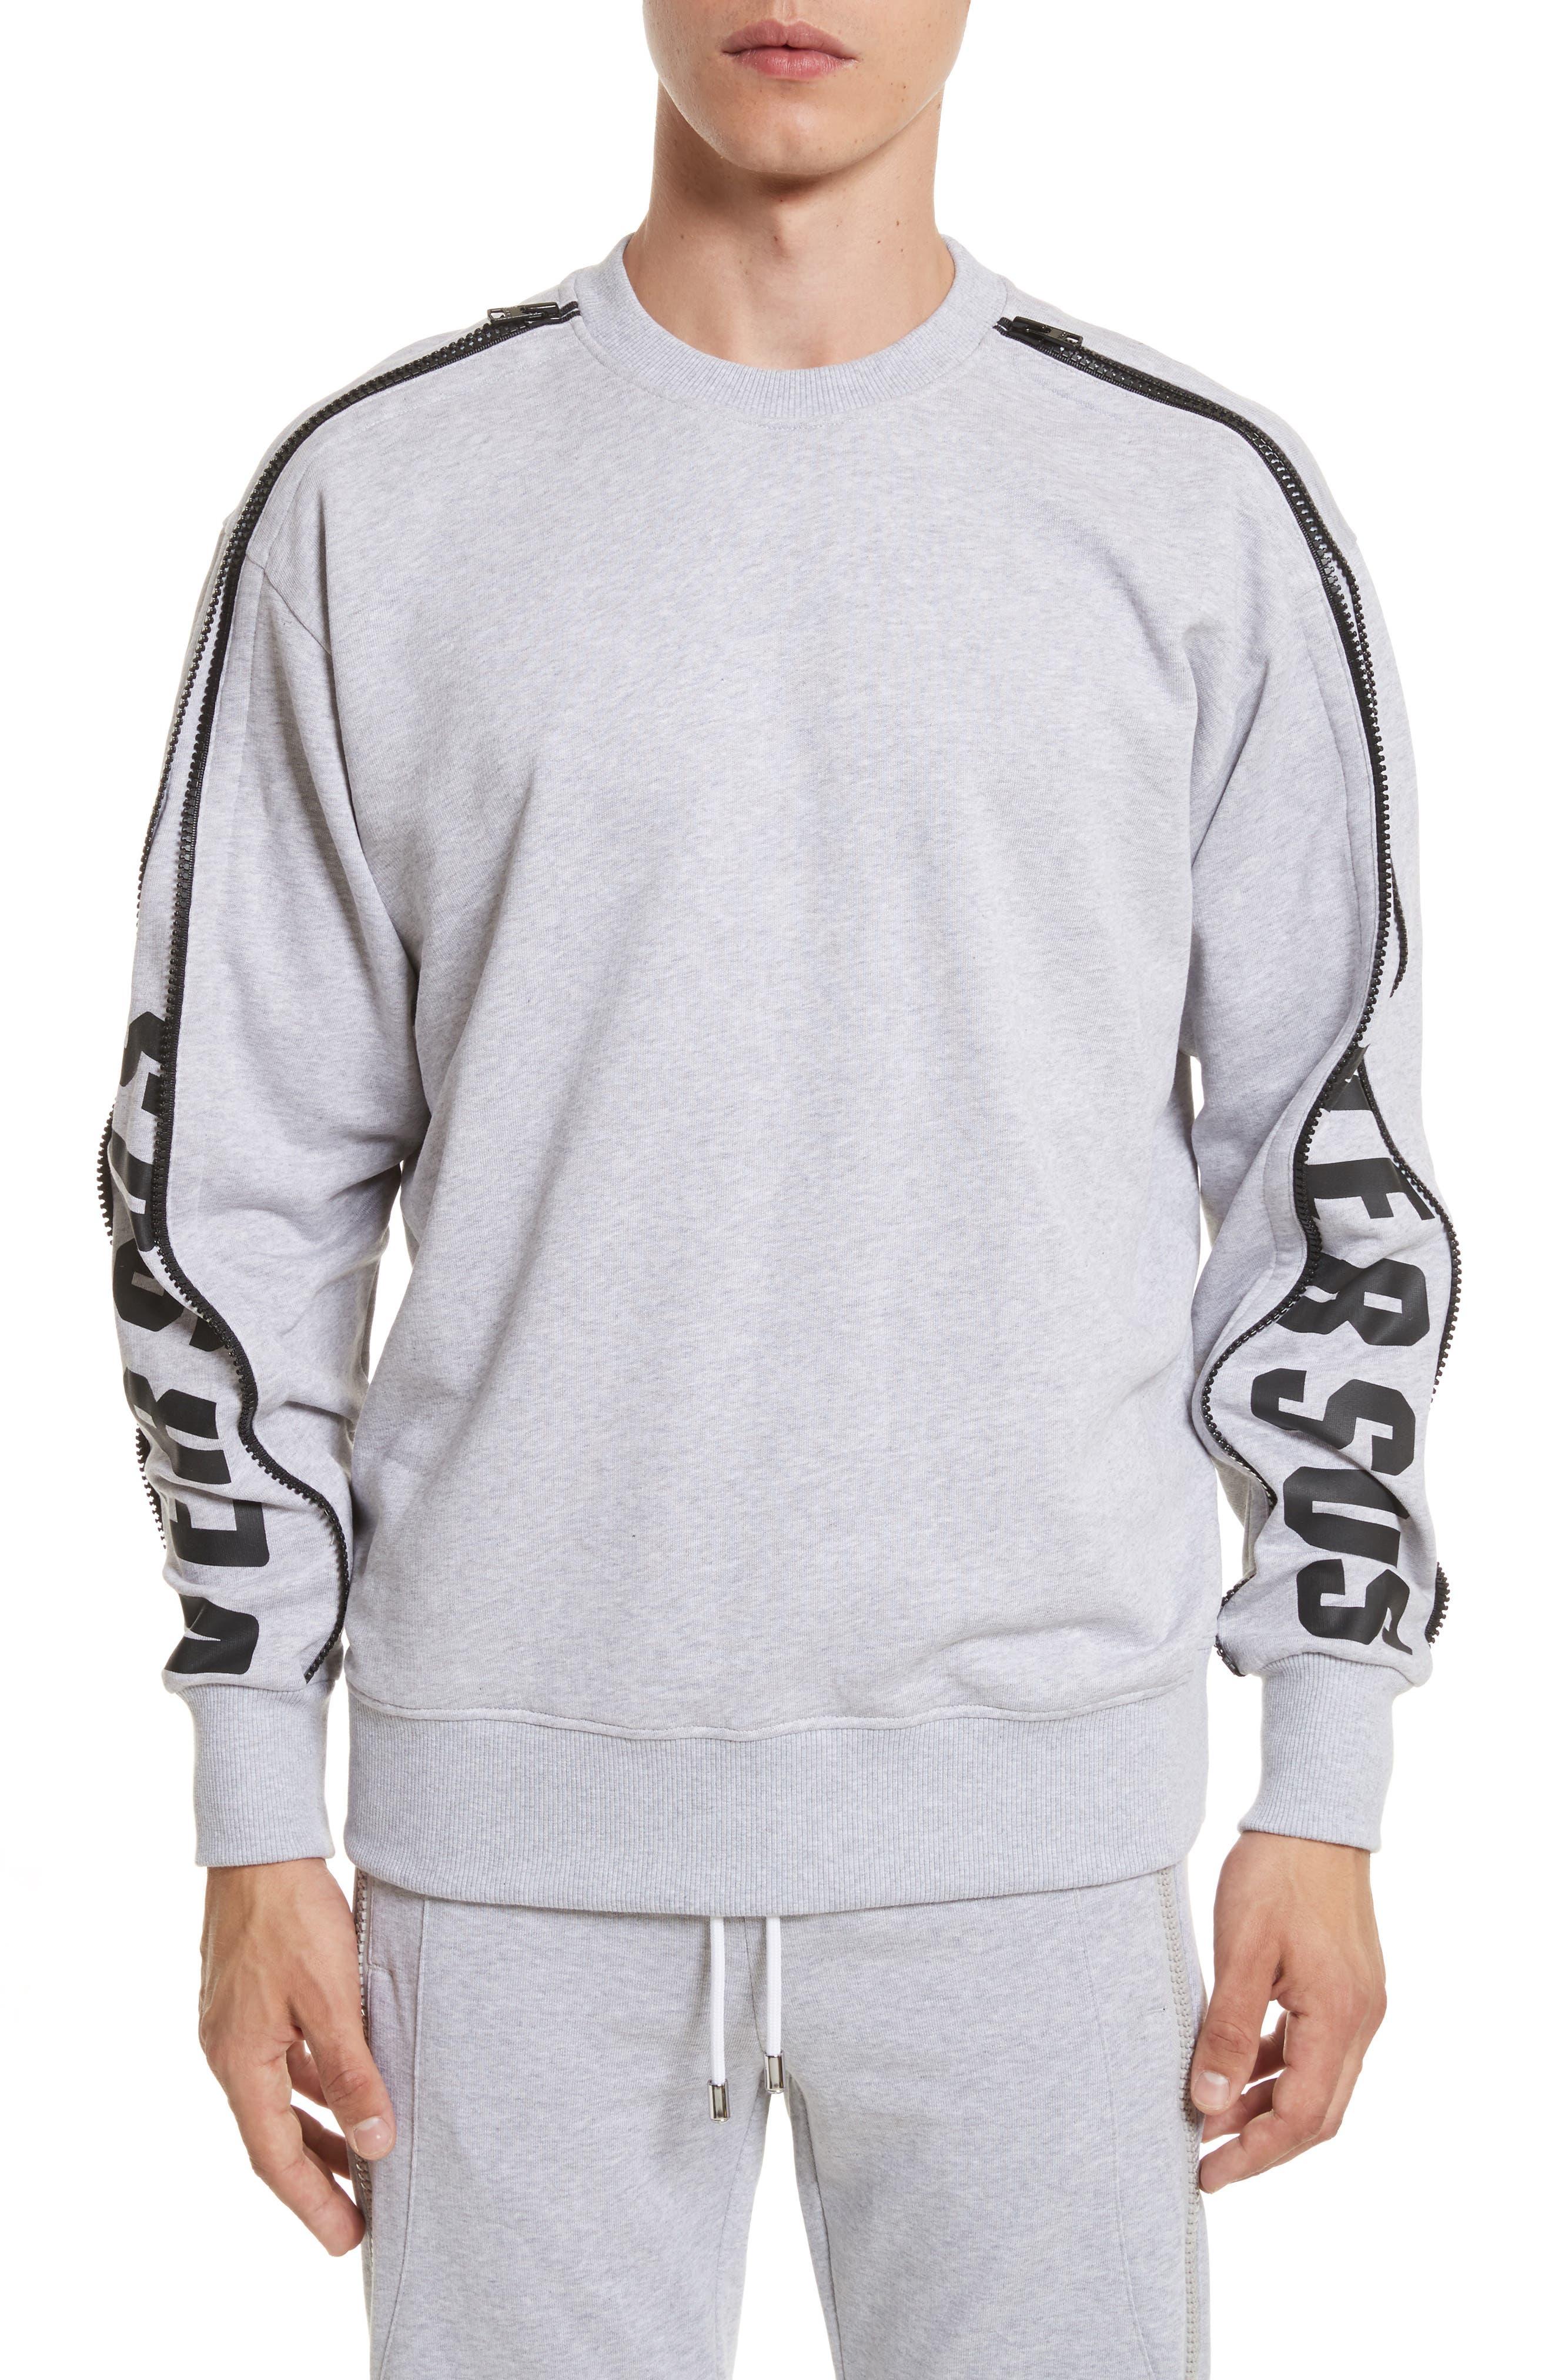 VERSUS by Versace Zip Sleeve Crewneck Sweatshirt